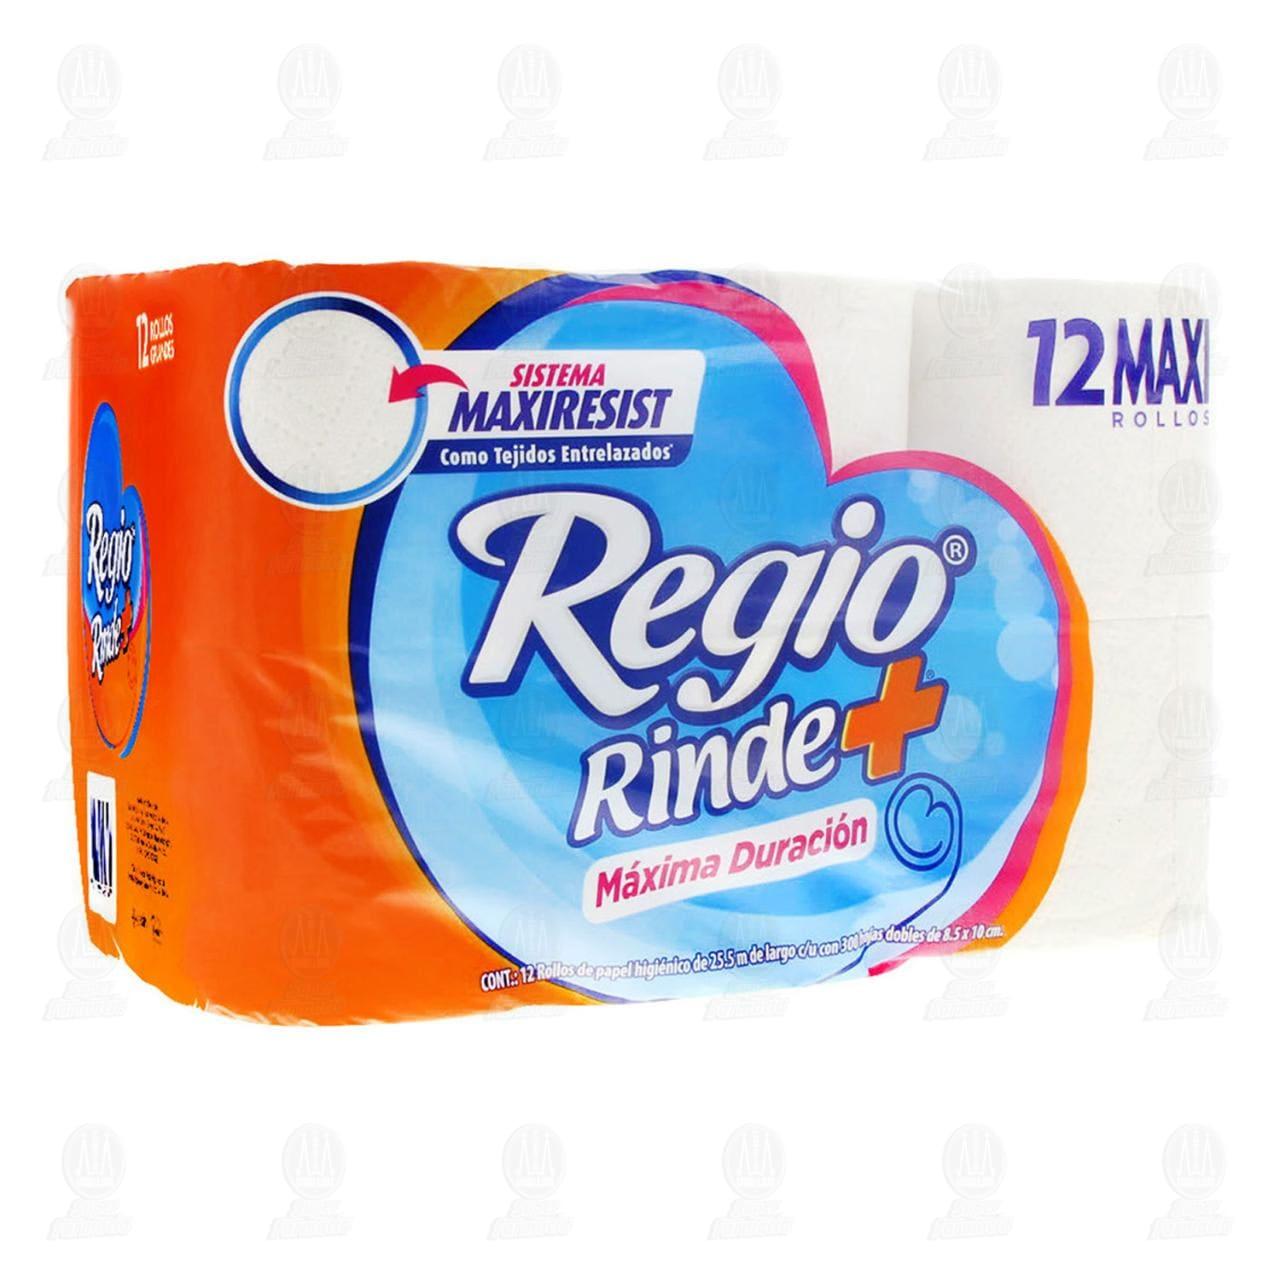 comprar https://www.movil.farmaciasguadalajara.com/wcsstore/FGCAS/wcs/products/1261819_A_1280_AL.jpg en farmacias guadalajara